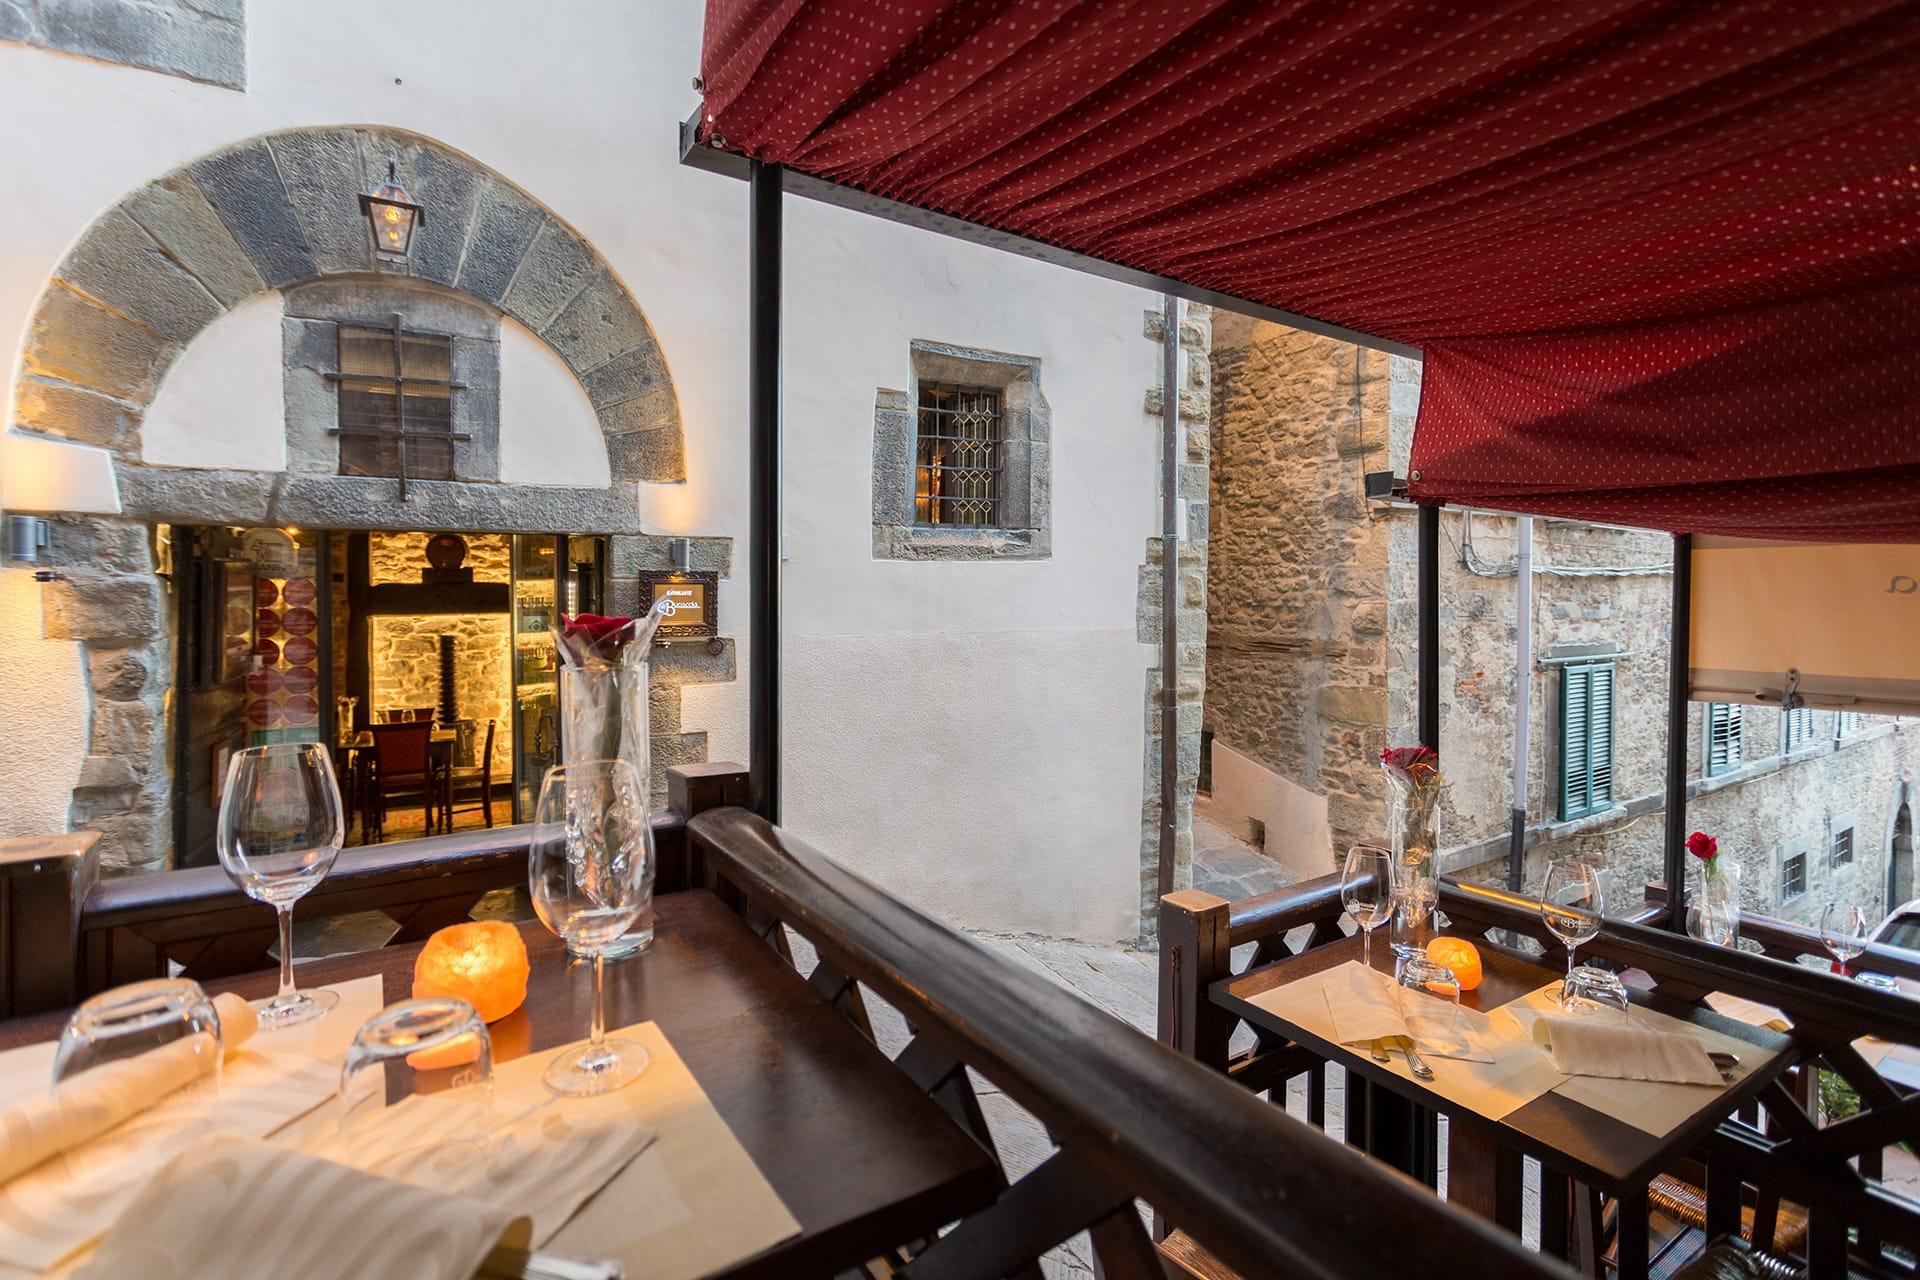 Restaurant in Cortona, La Bucaccia   Restaurant of traditional Tuscan cuisine